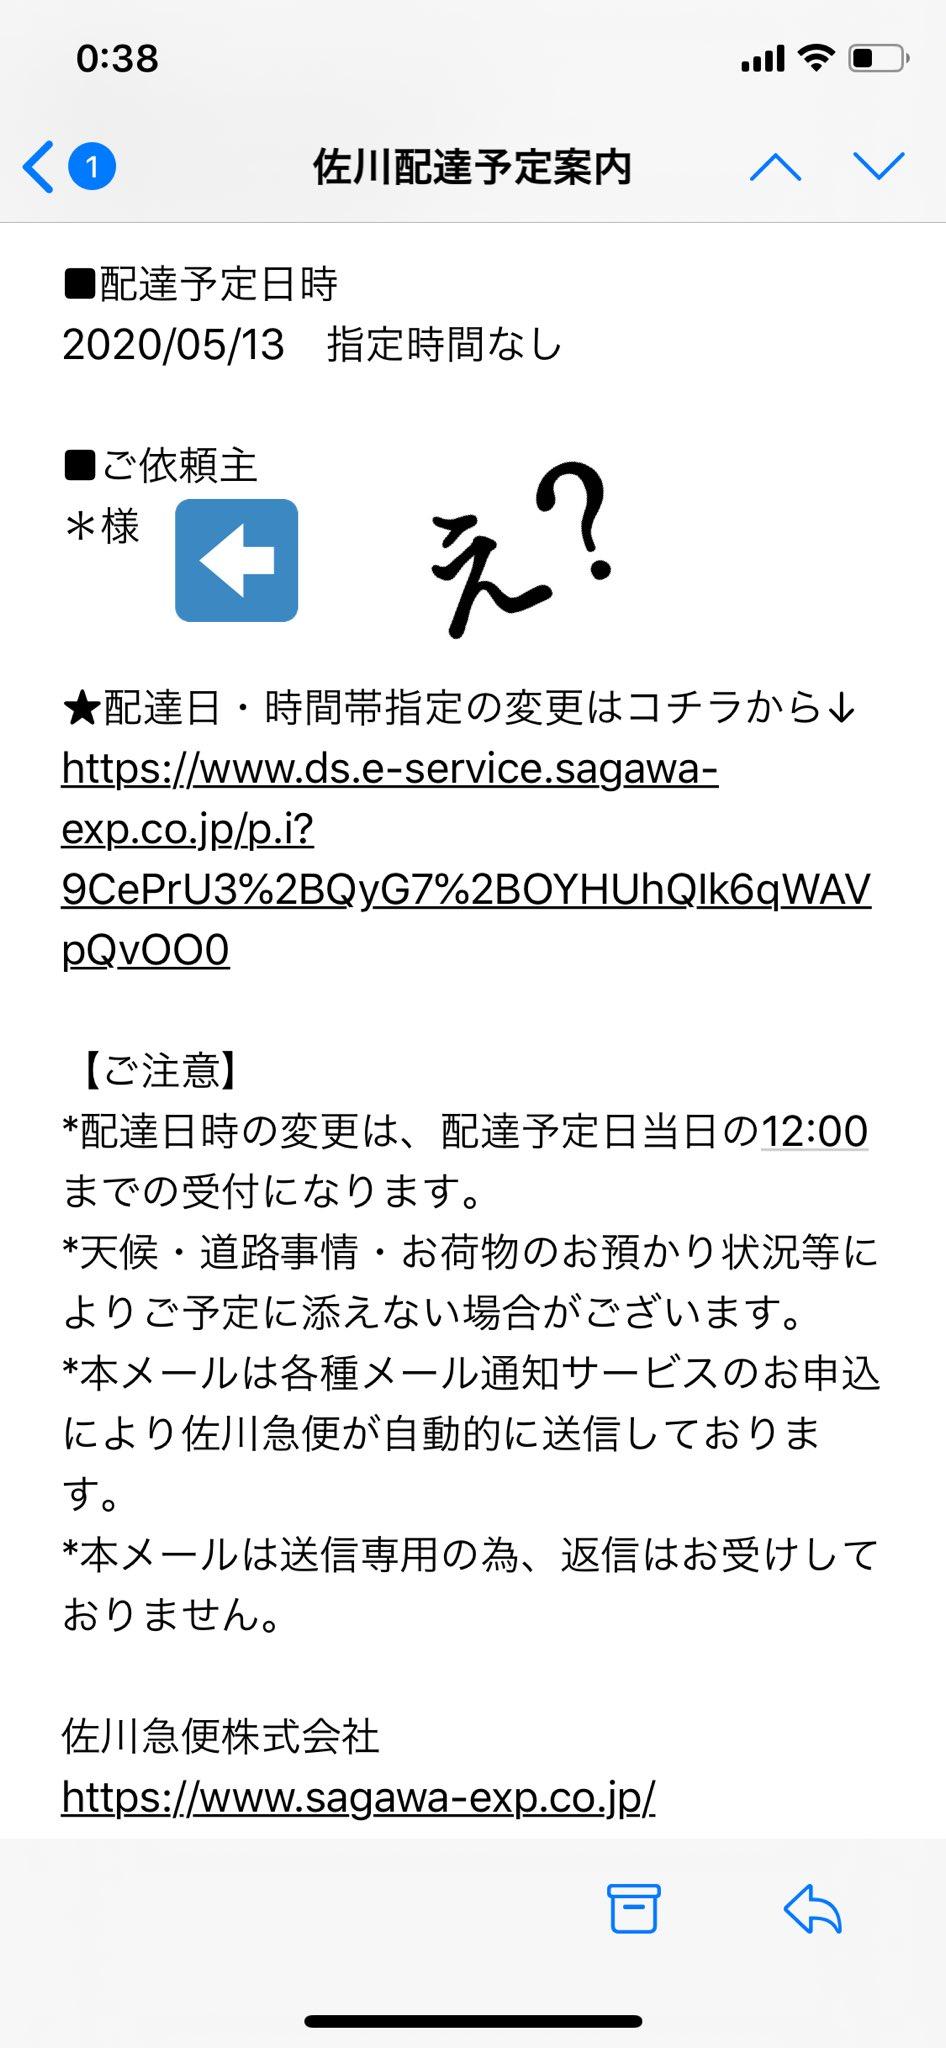 配達 案内 佐川 予定 佐川急便の【配達予定案内メール】のタイミング